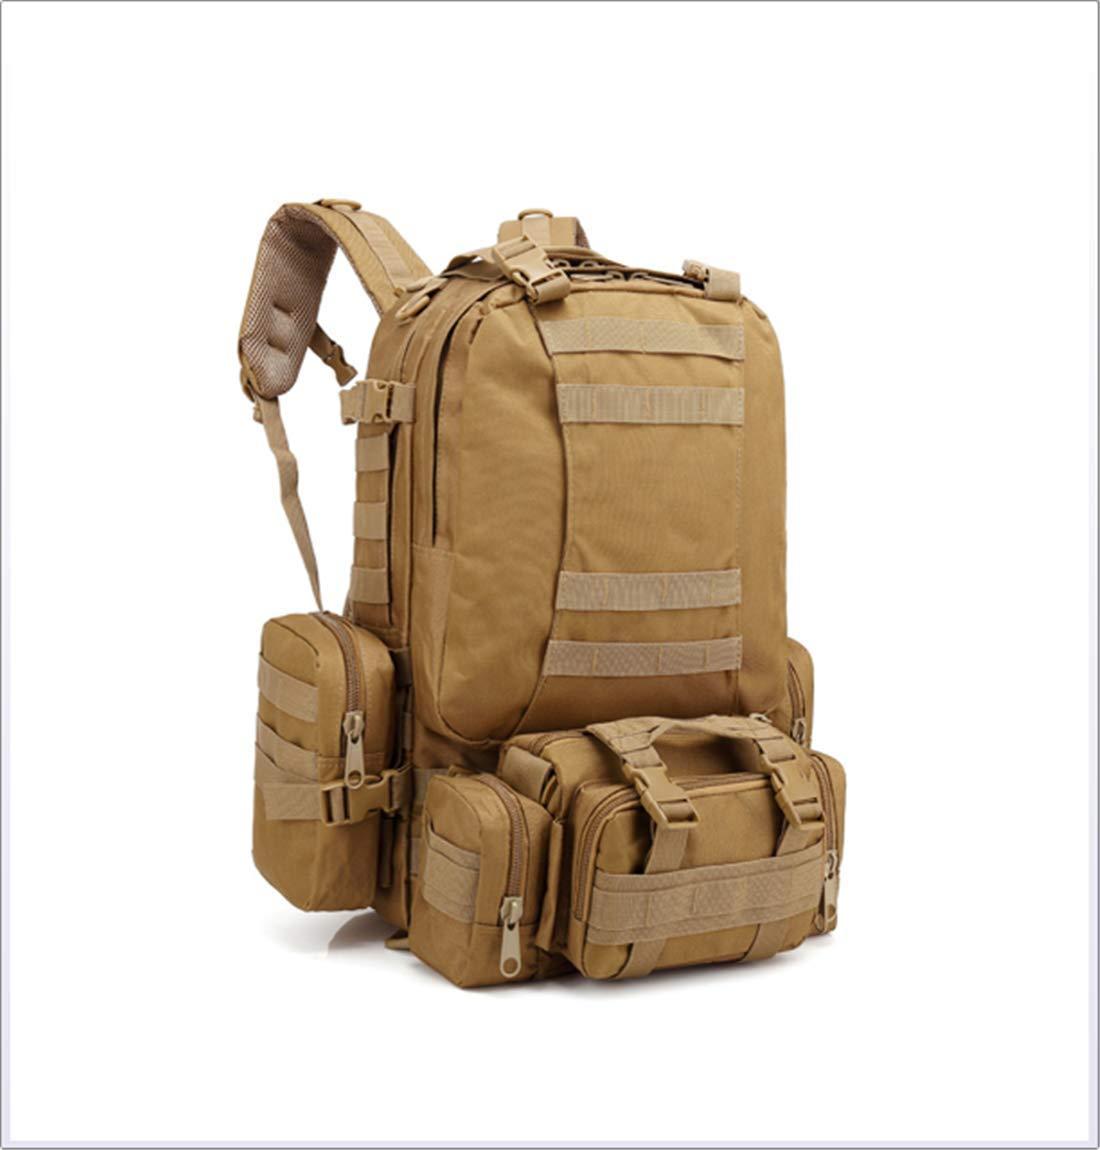 Khaki  LHY voyage Tactique Sac de Taille Randonnée Dos d'extérieur Cyclisme Assault Pack en Plein air Militaire Trekking Et Camping portable Molle Grande capacité Réglable pour Pêche Escalade Alpinisme 53L